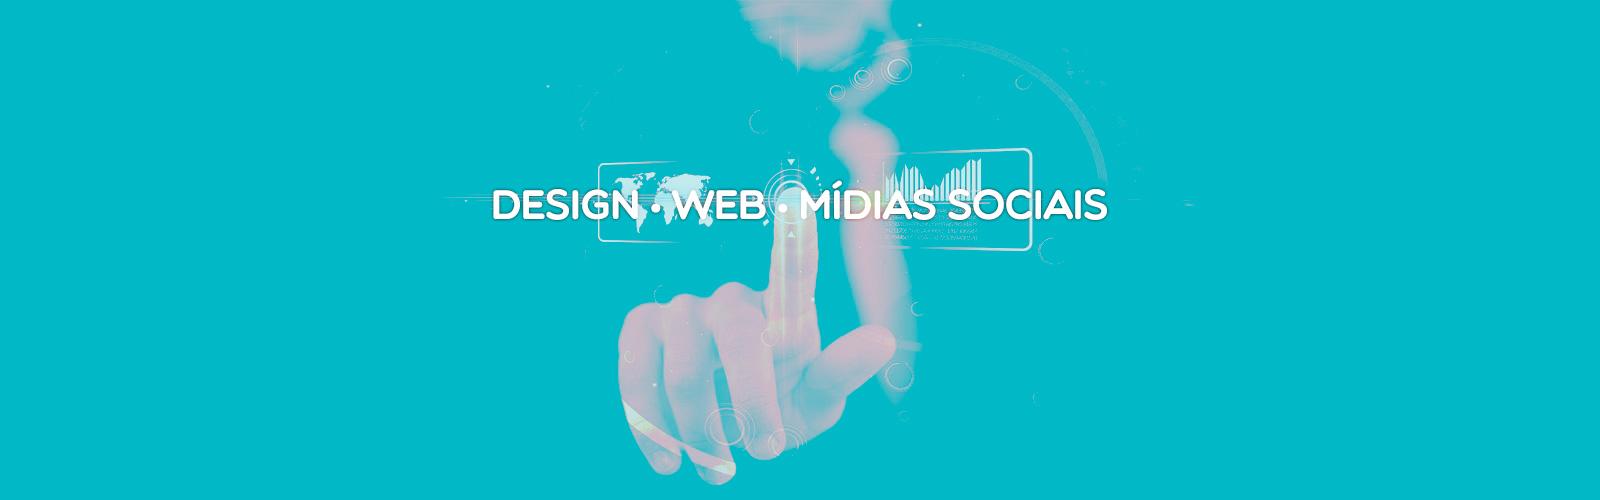 http://caducoelho.com.br/agenciadigital/wp-content/uploads/2016/11/servicos.jpg